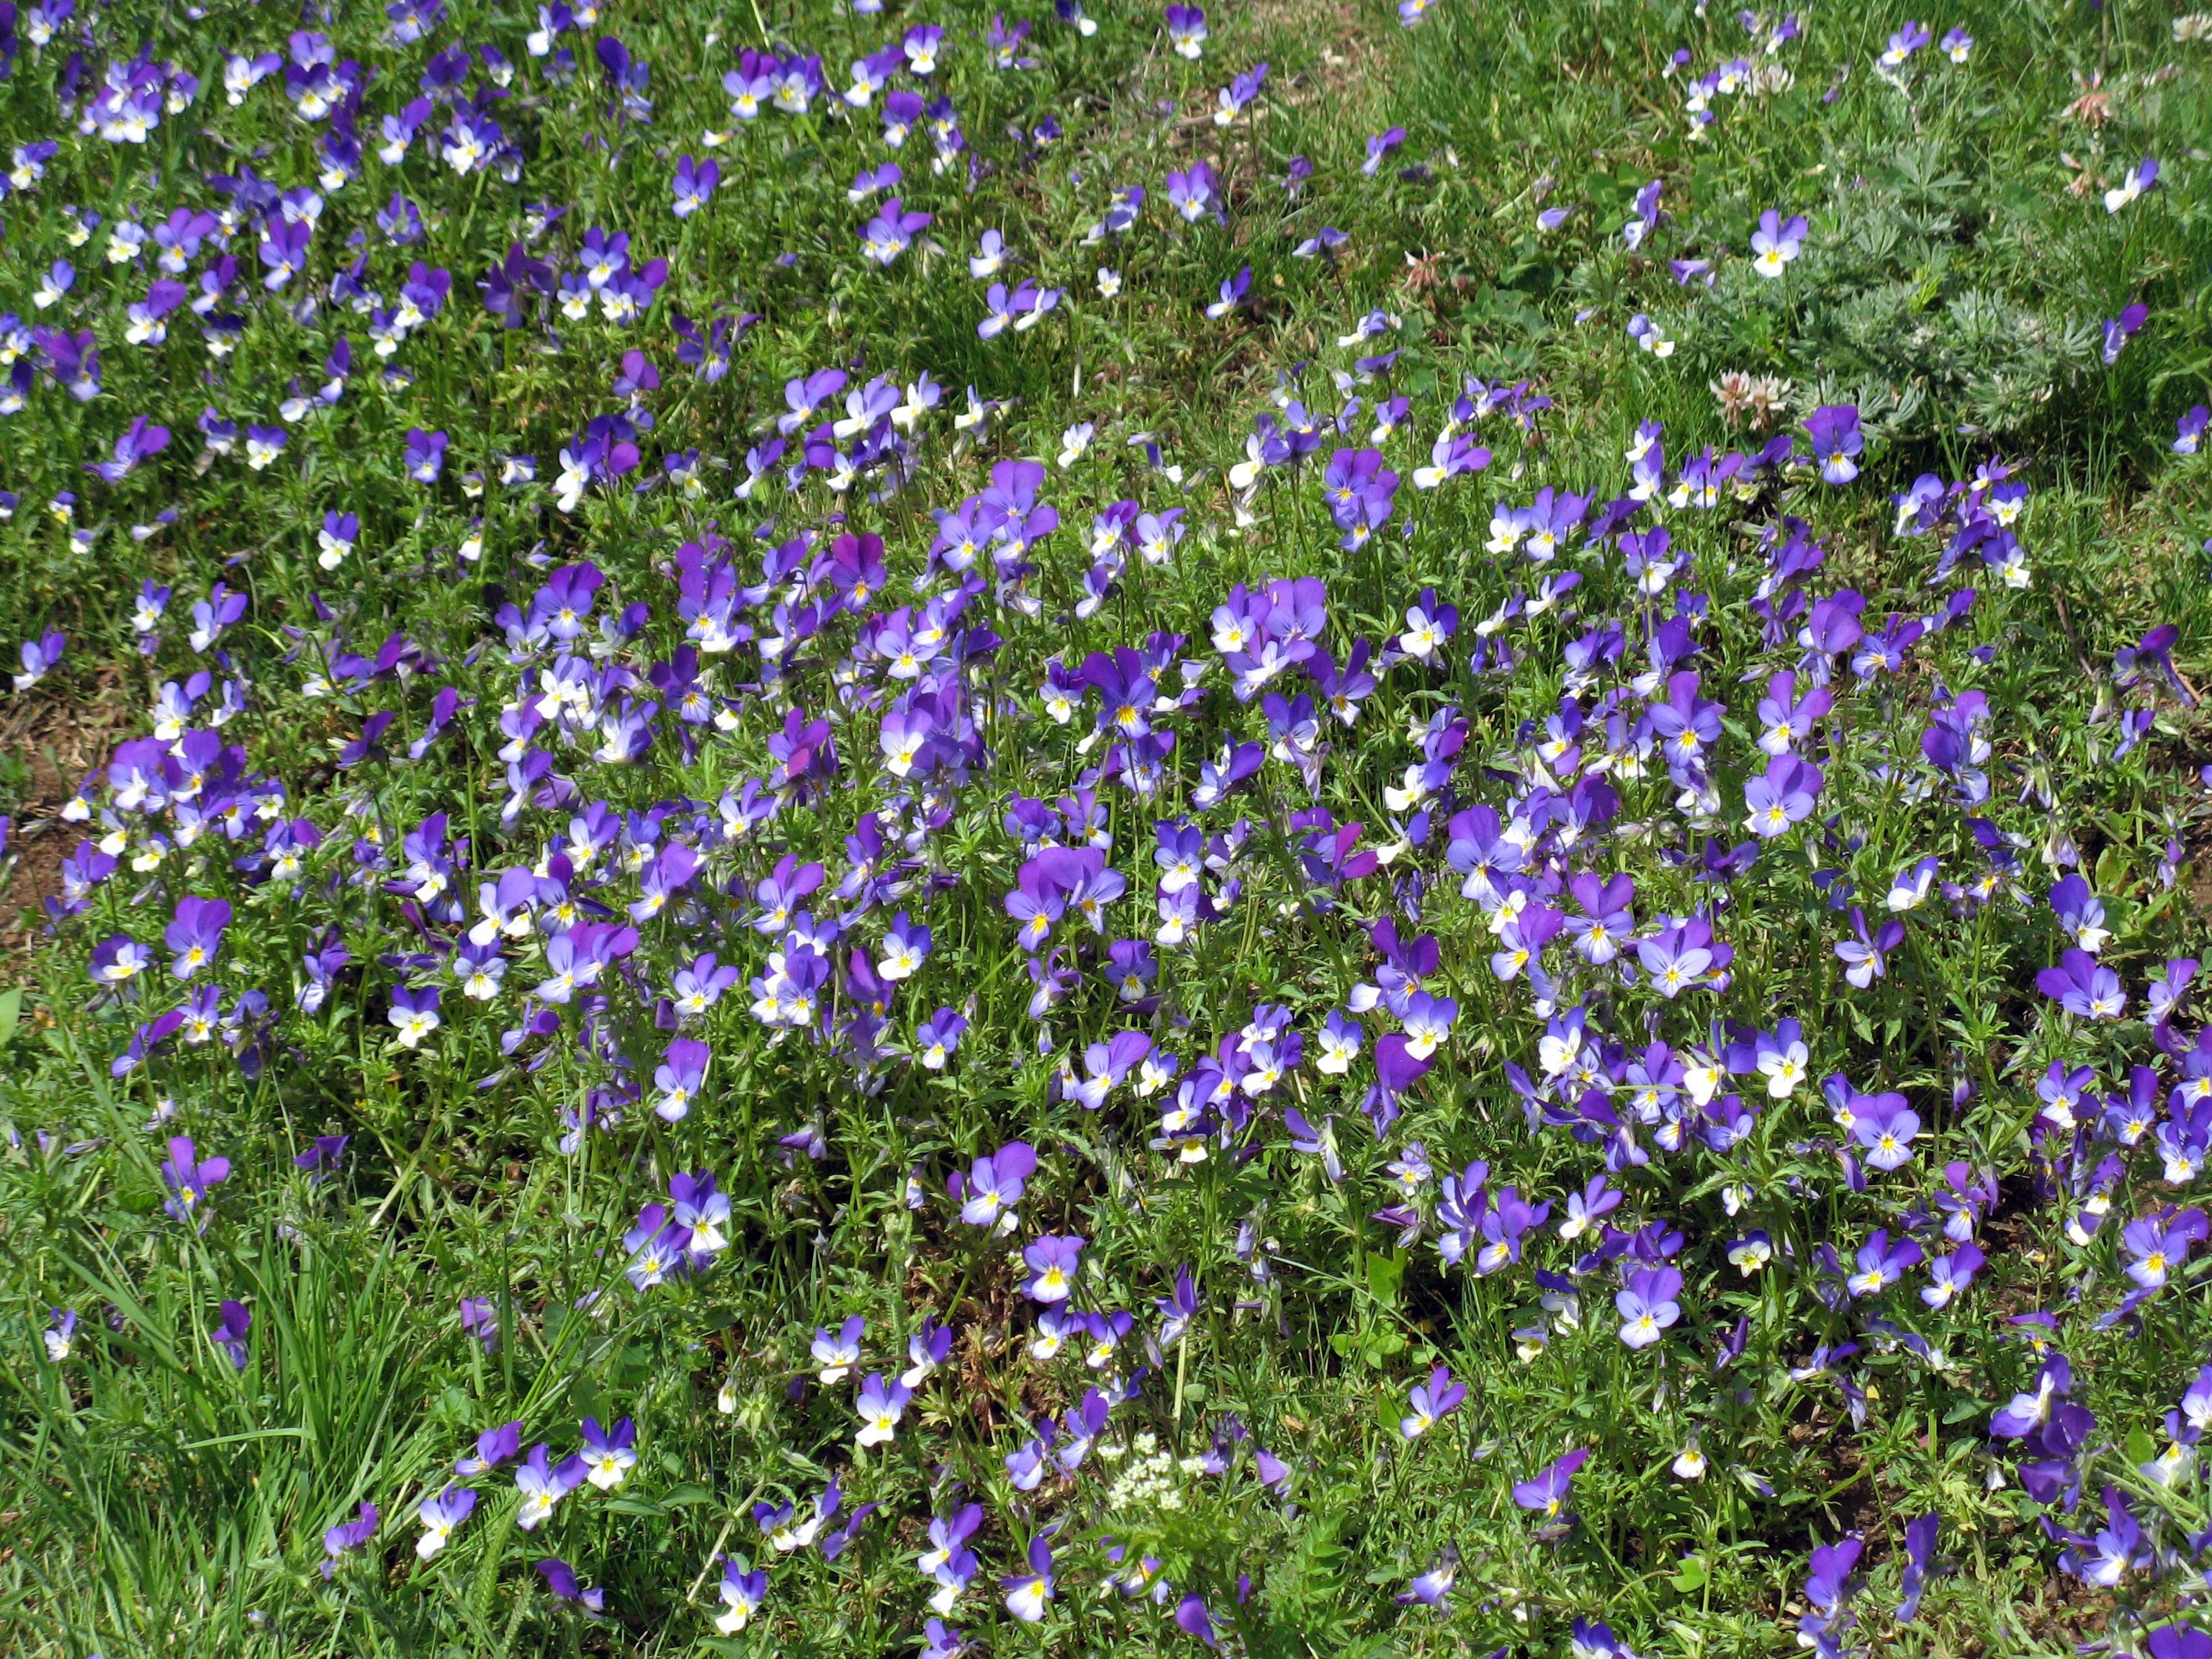 Field of purple violet flowers in Bulgaria